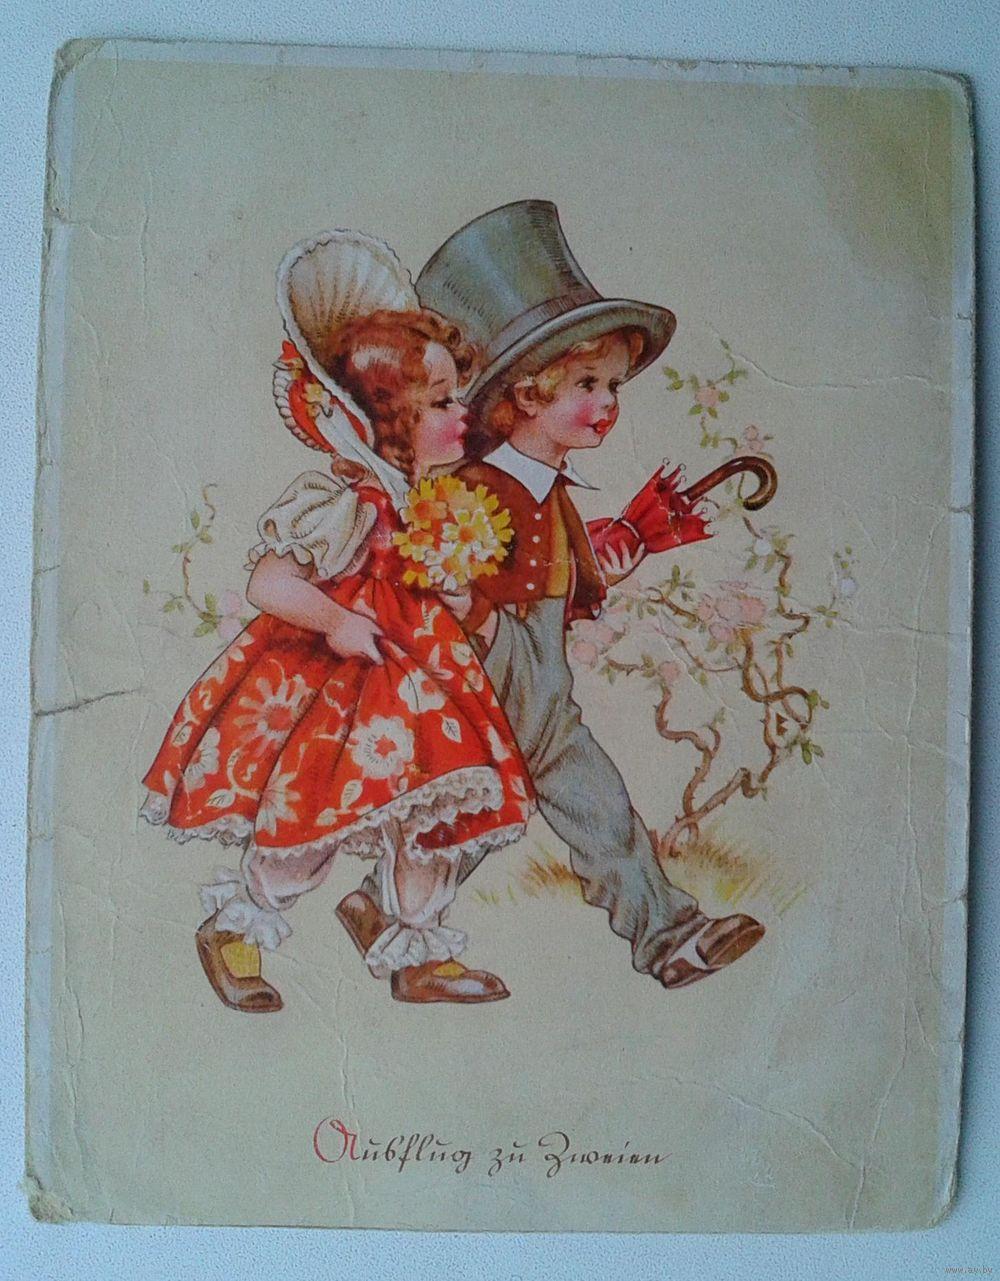 Открытки, конверты, календари - Аукционы Беларуси